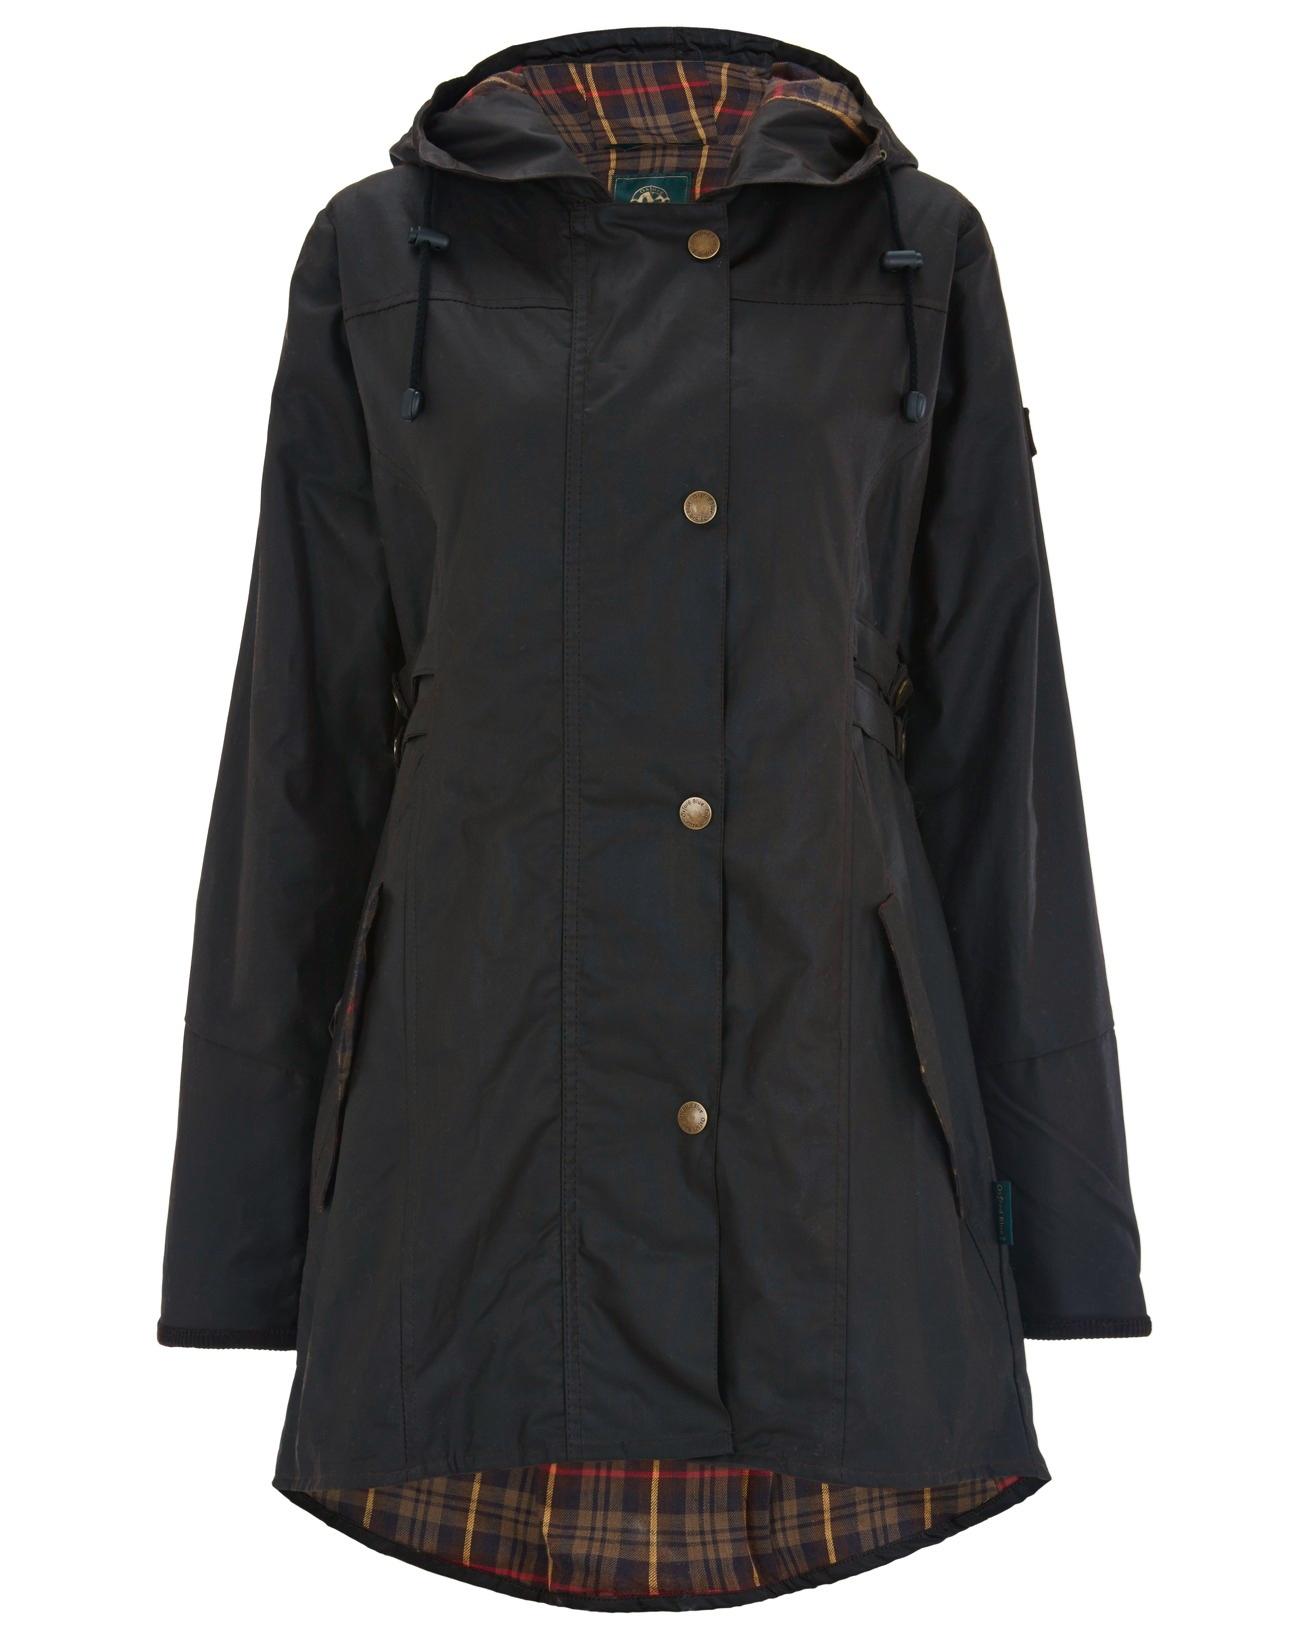 Wax Riding Coat - Size 14 - Dark Navy - 1603